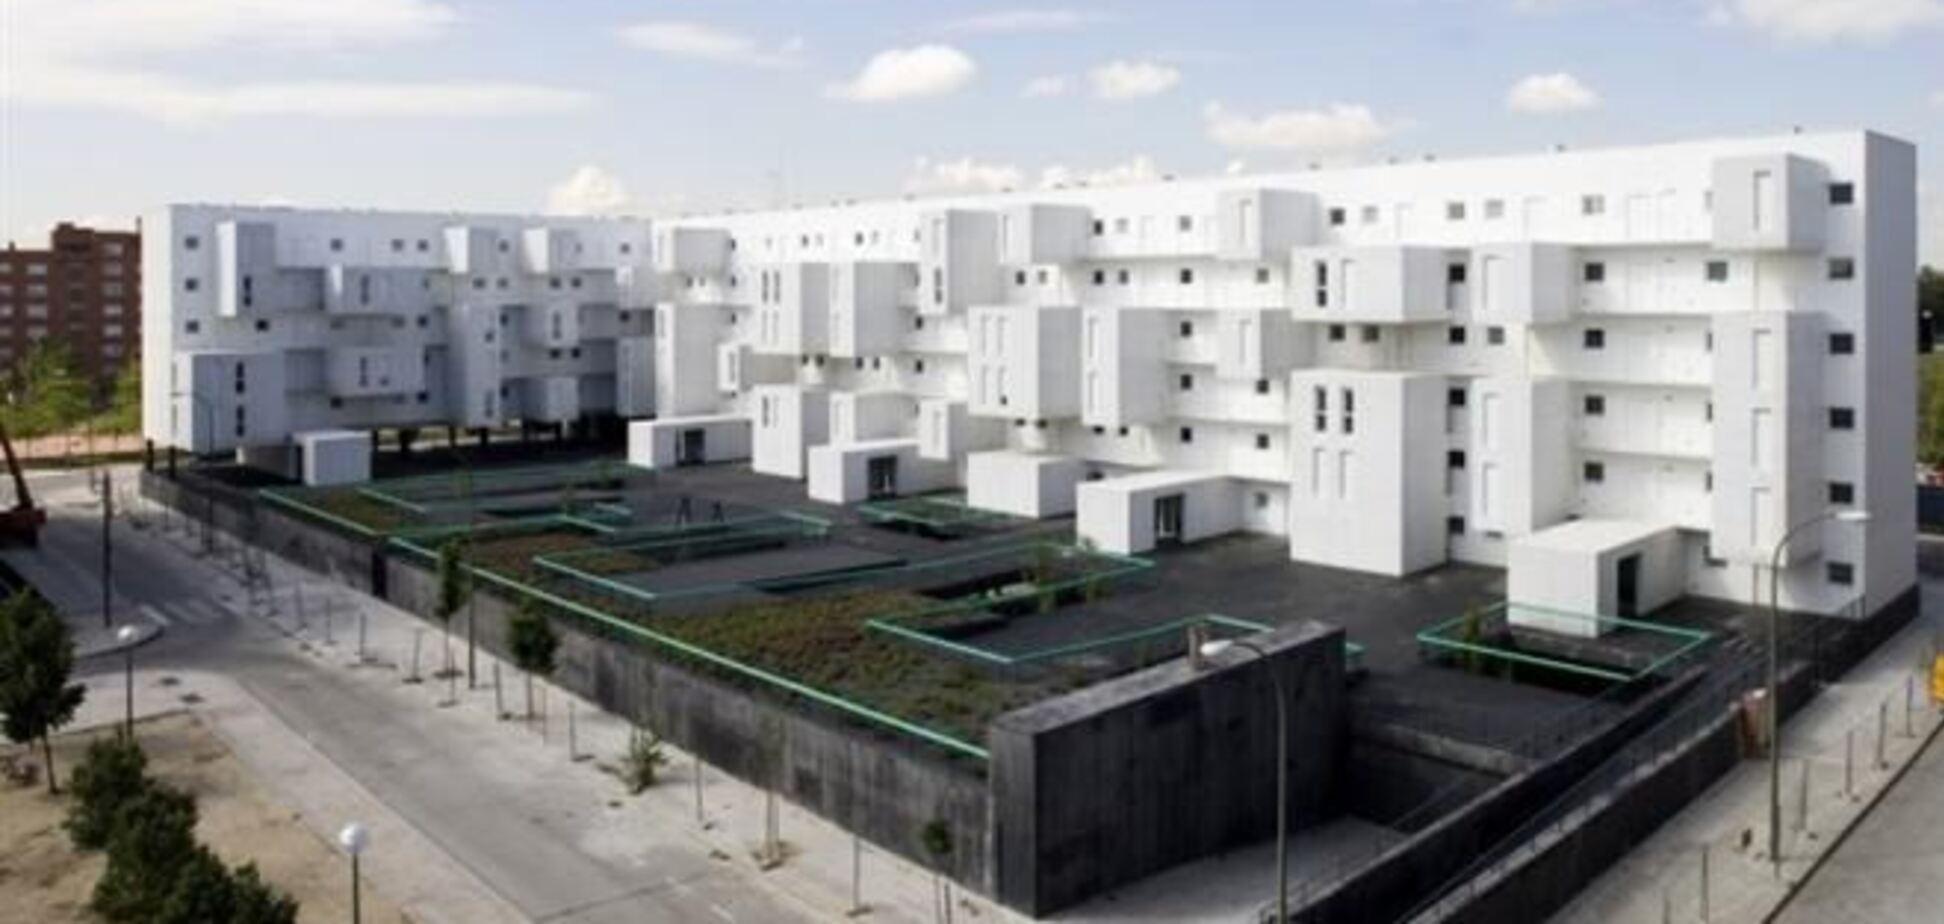 Правительство Каталонии может заняться продажей муниципального жилья